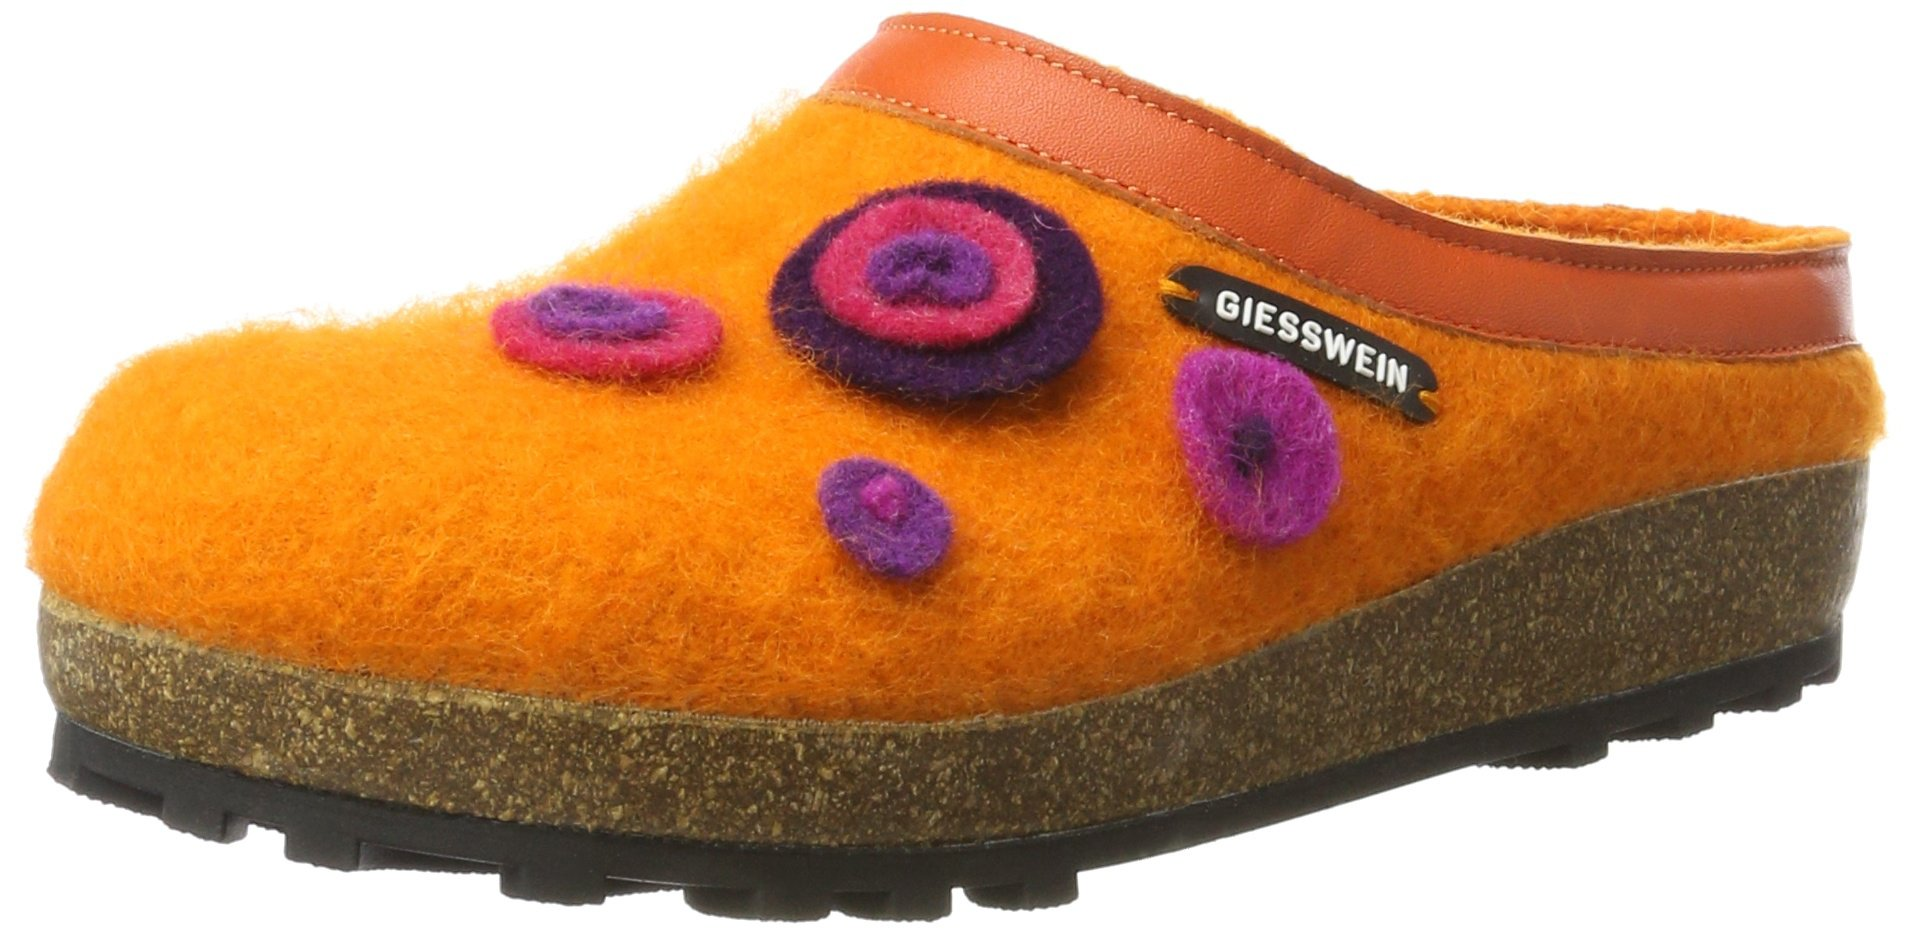 Giesswein Womens Calau Madarine Textile Sandals 40 EU